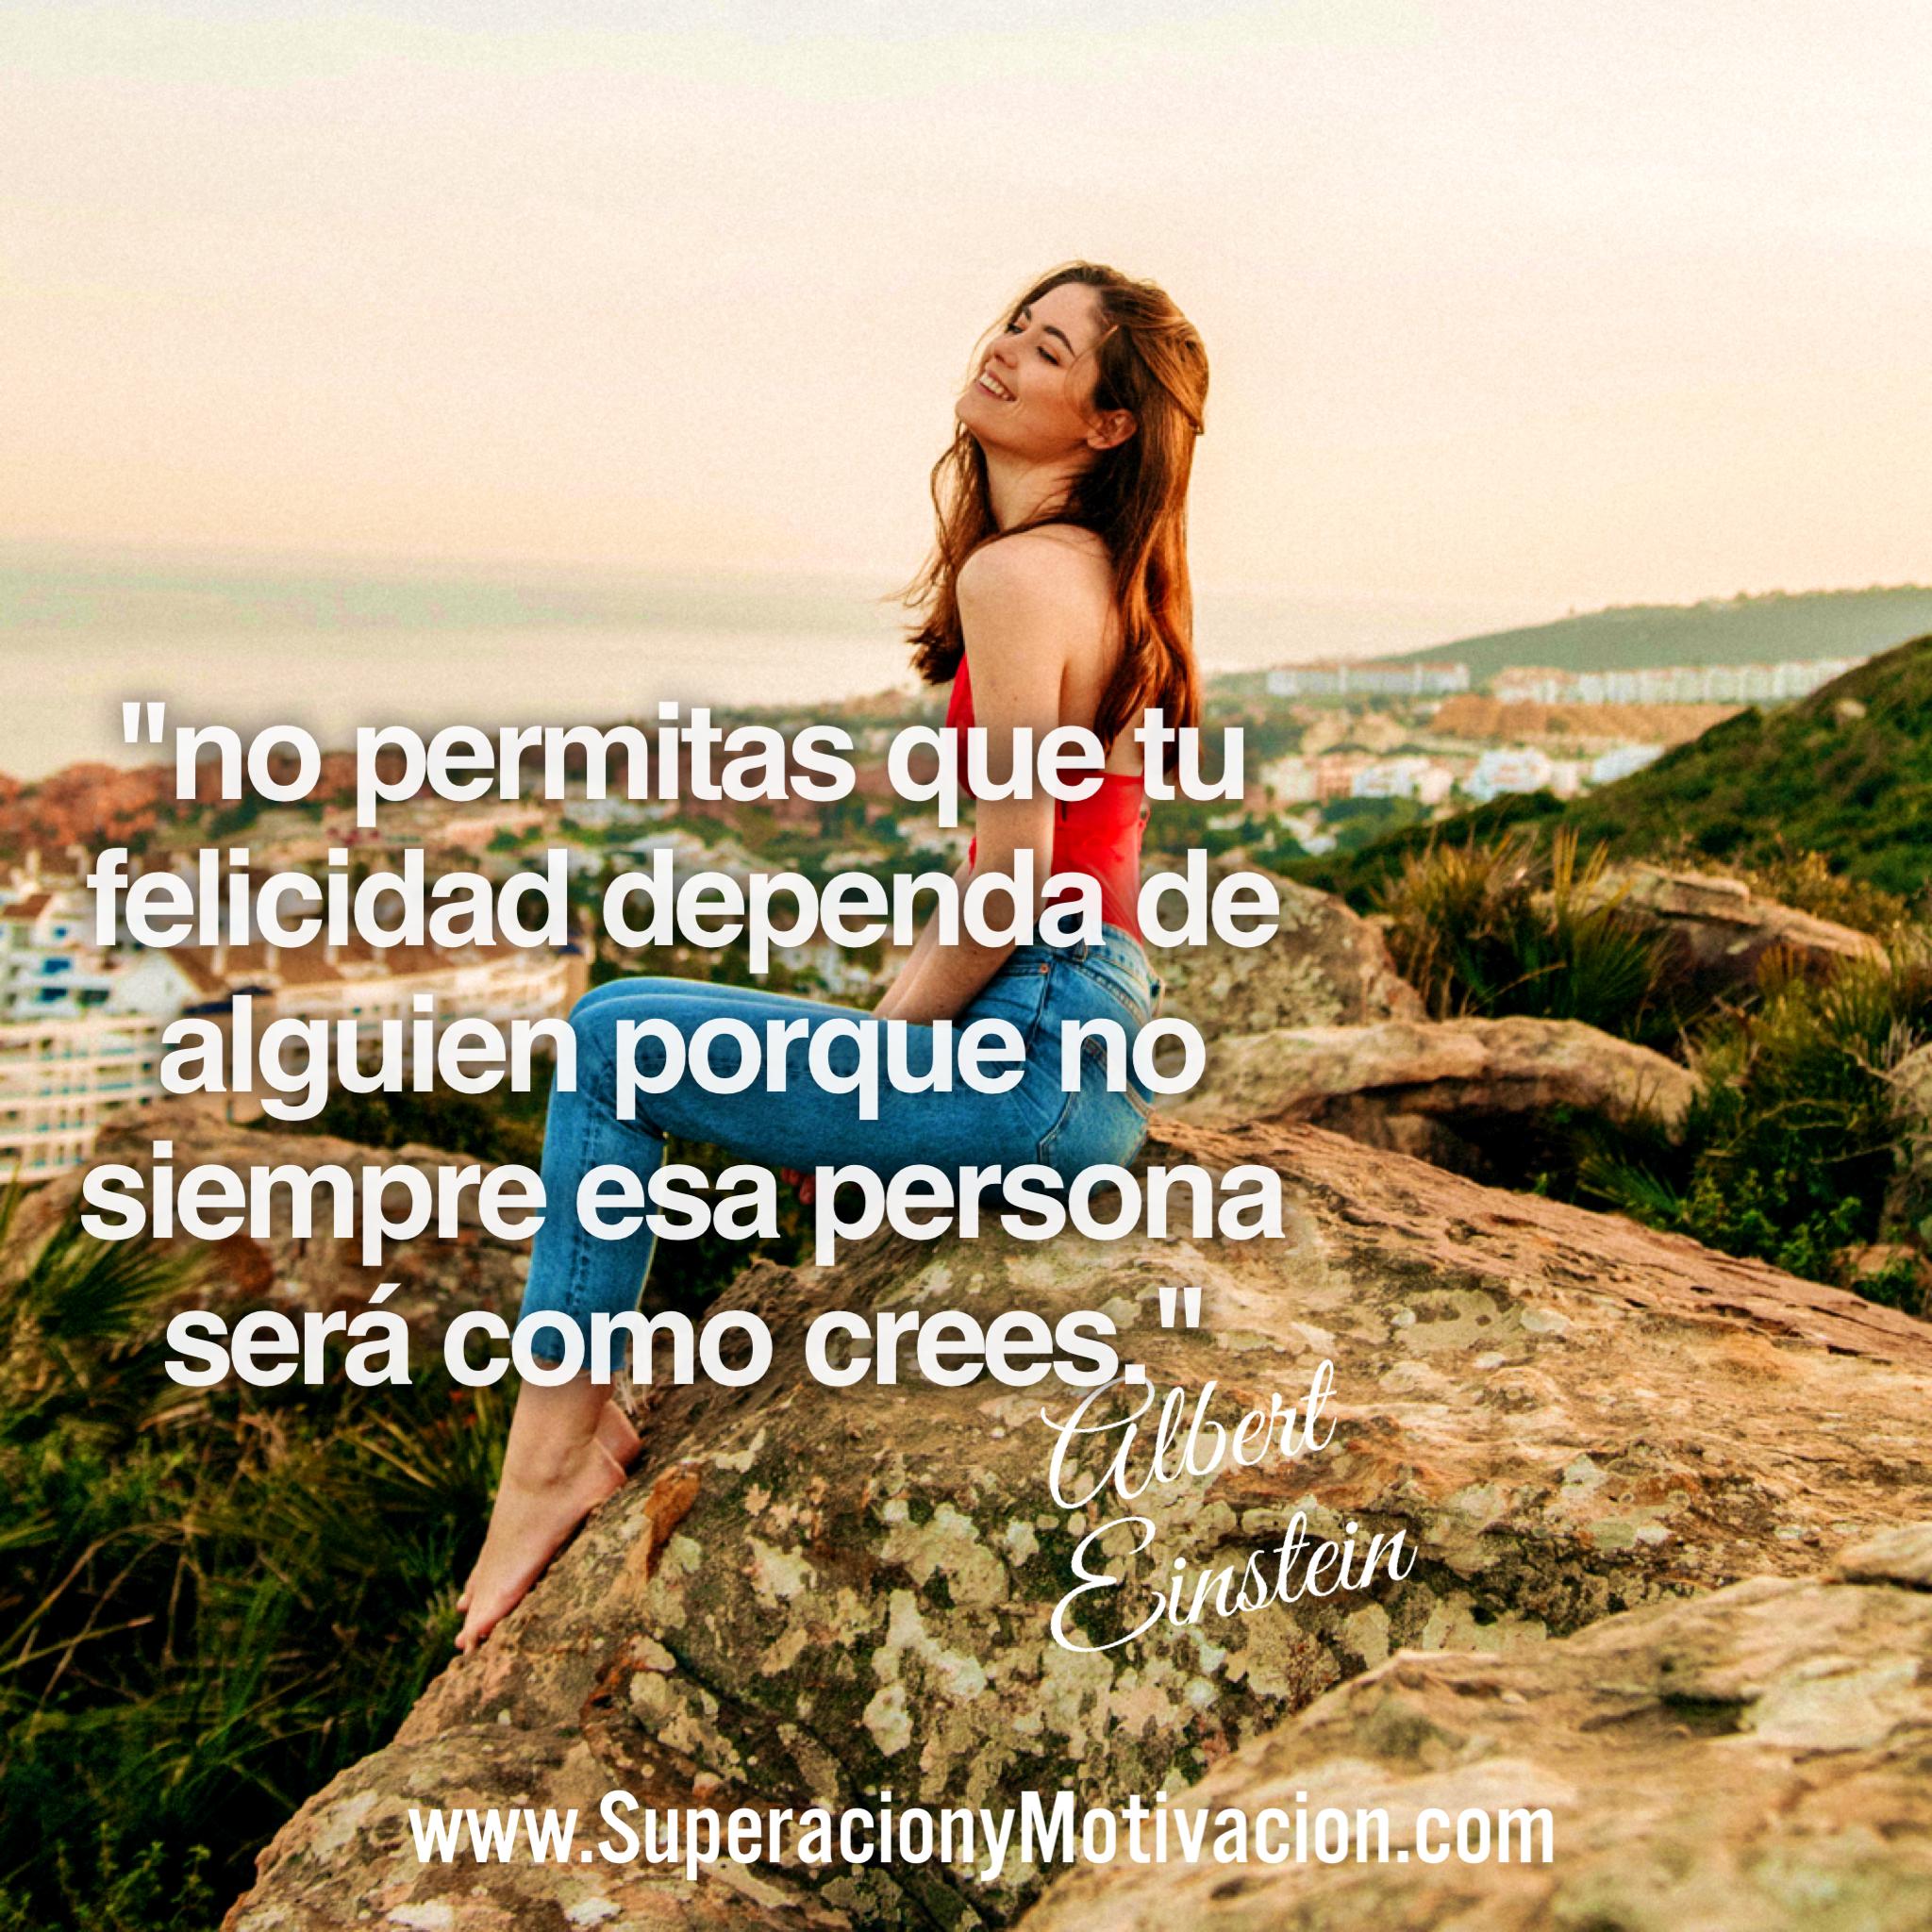 «No permitas que tu felicidad dependa de alguien porque no siempre esa persona será como crees.»